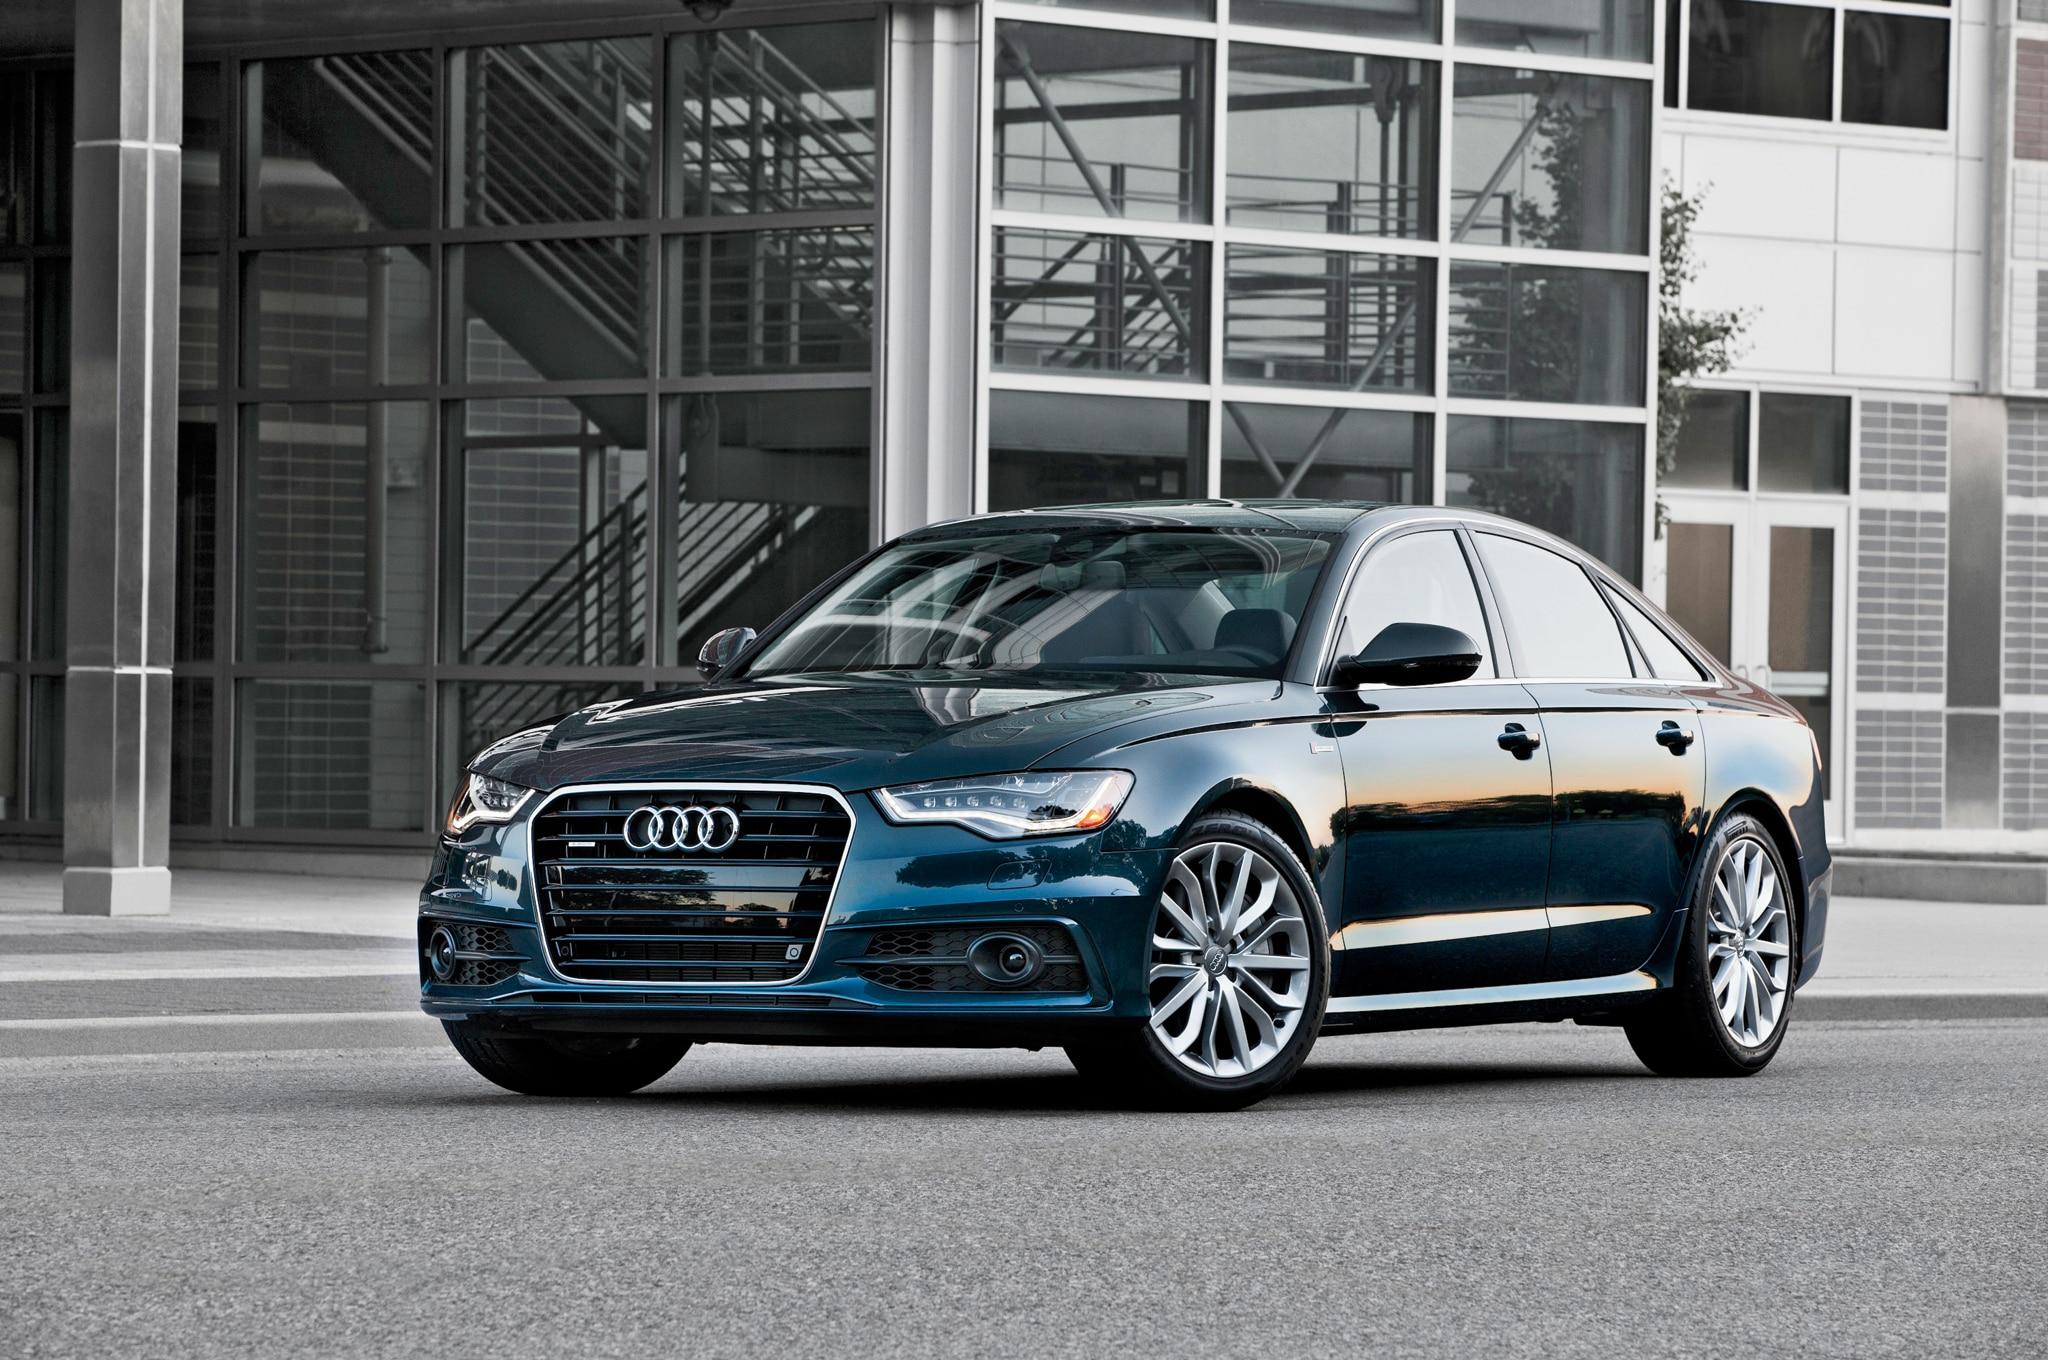 2014 Audi A6 Front Three Quarters1